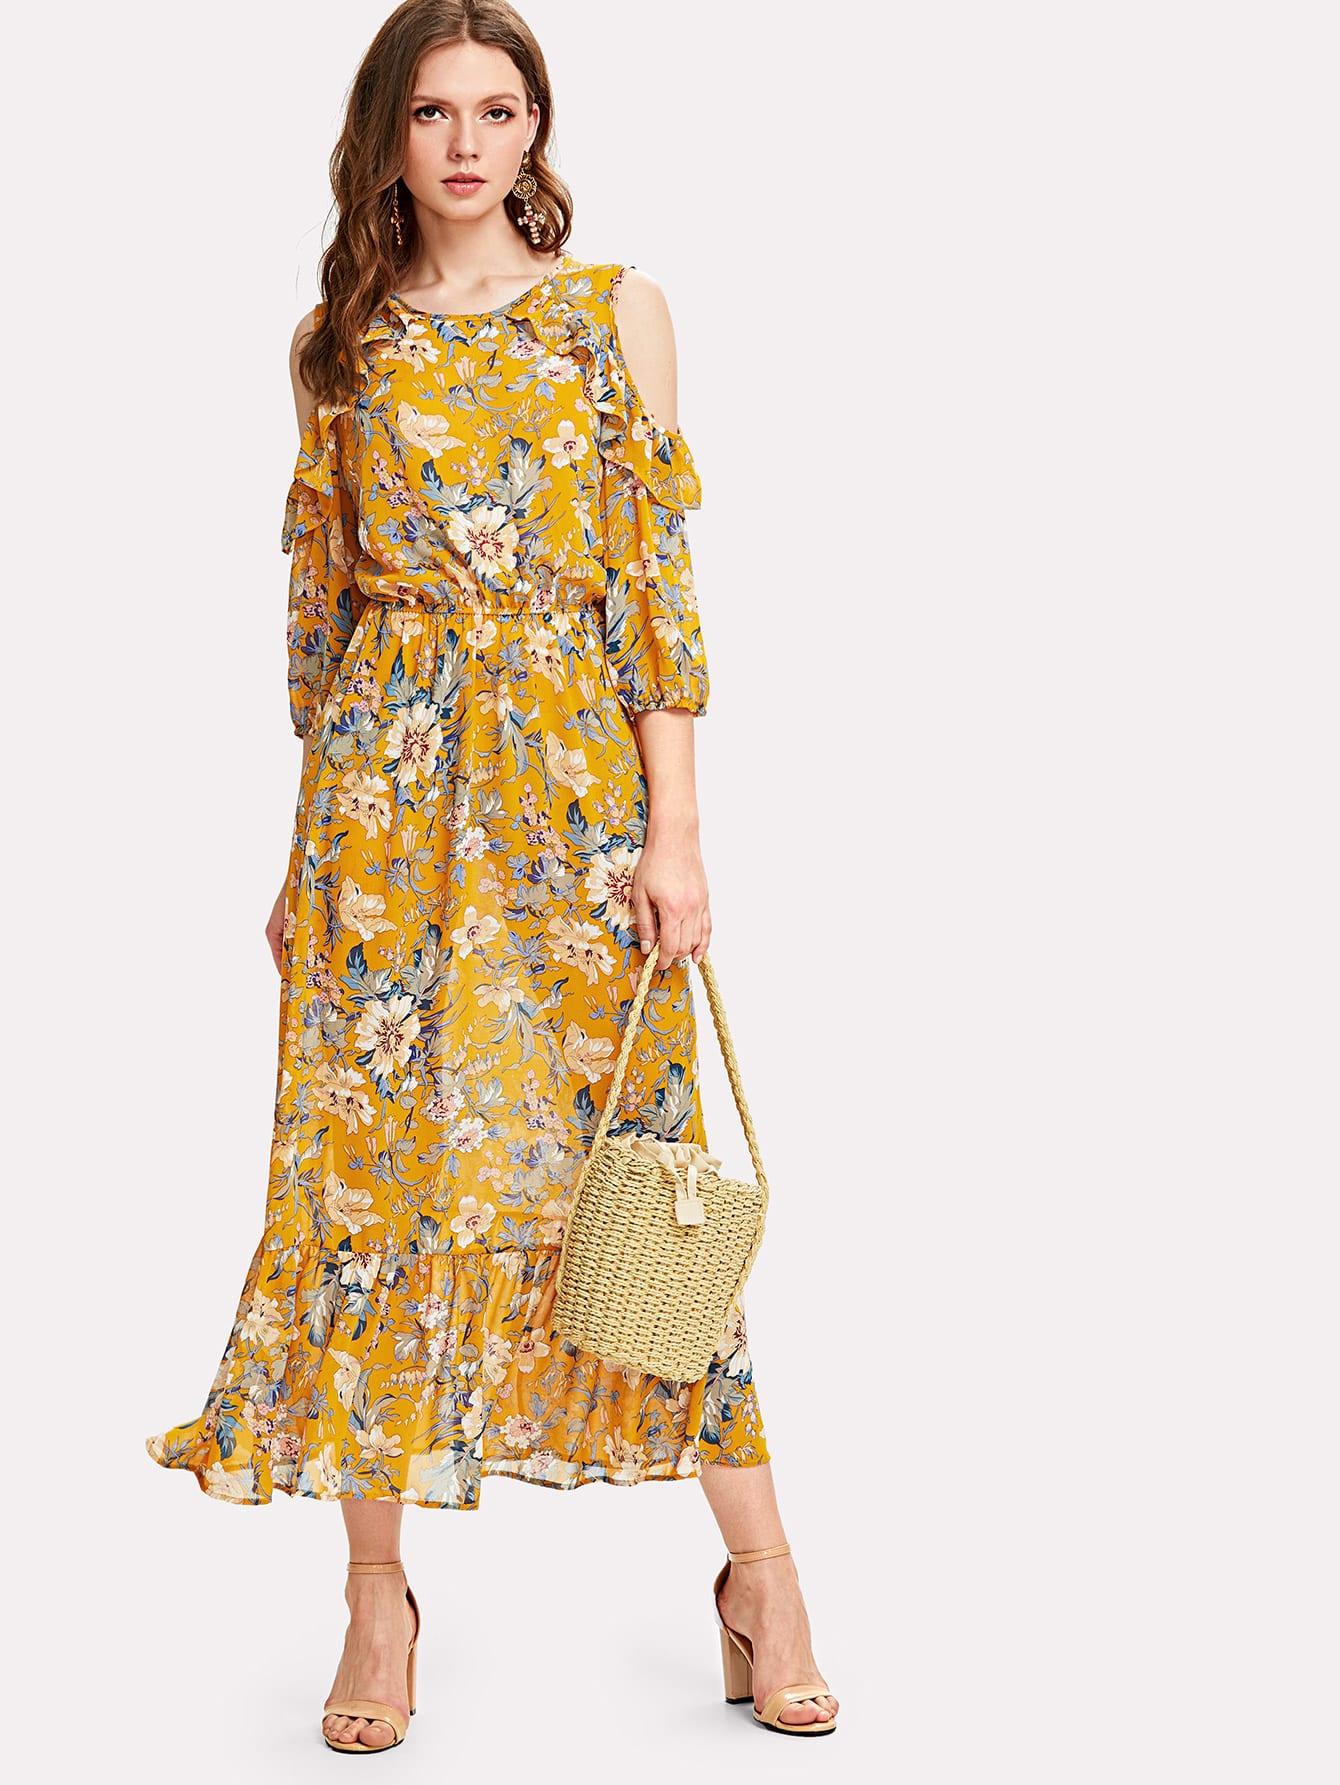 Купить Цветочное платье с открытыми плечами и оборками на рукавах, Muffy, SheIn